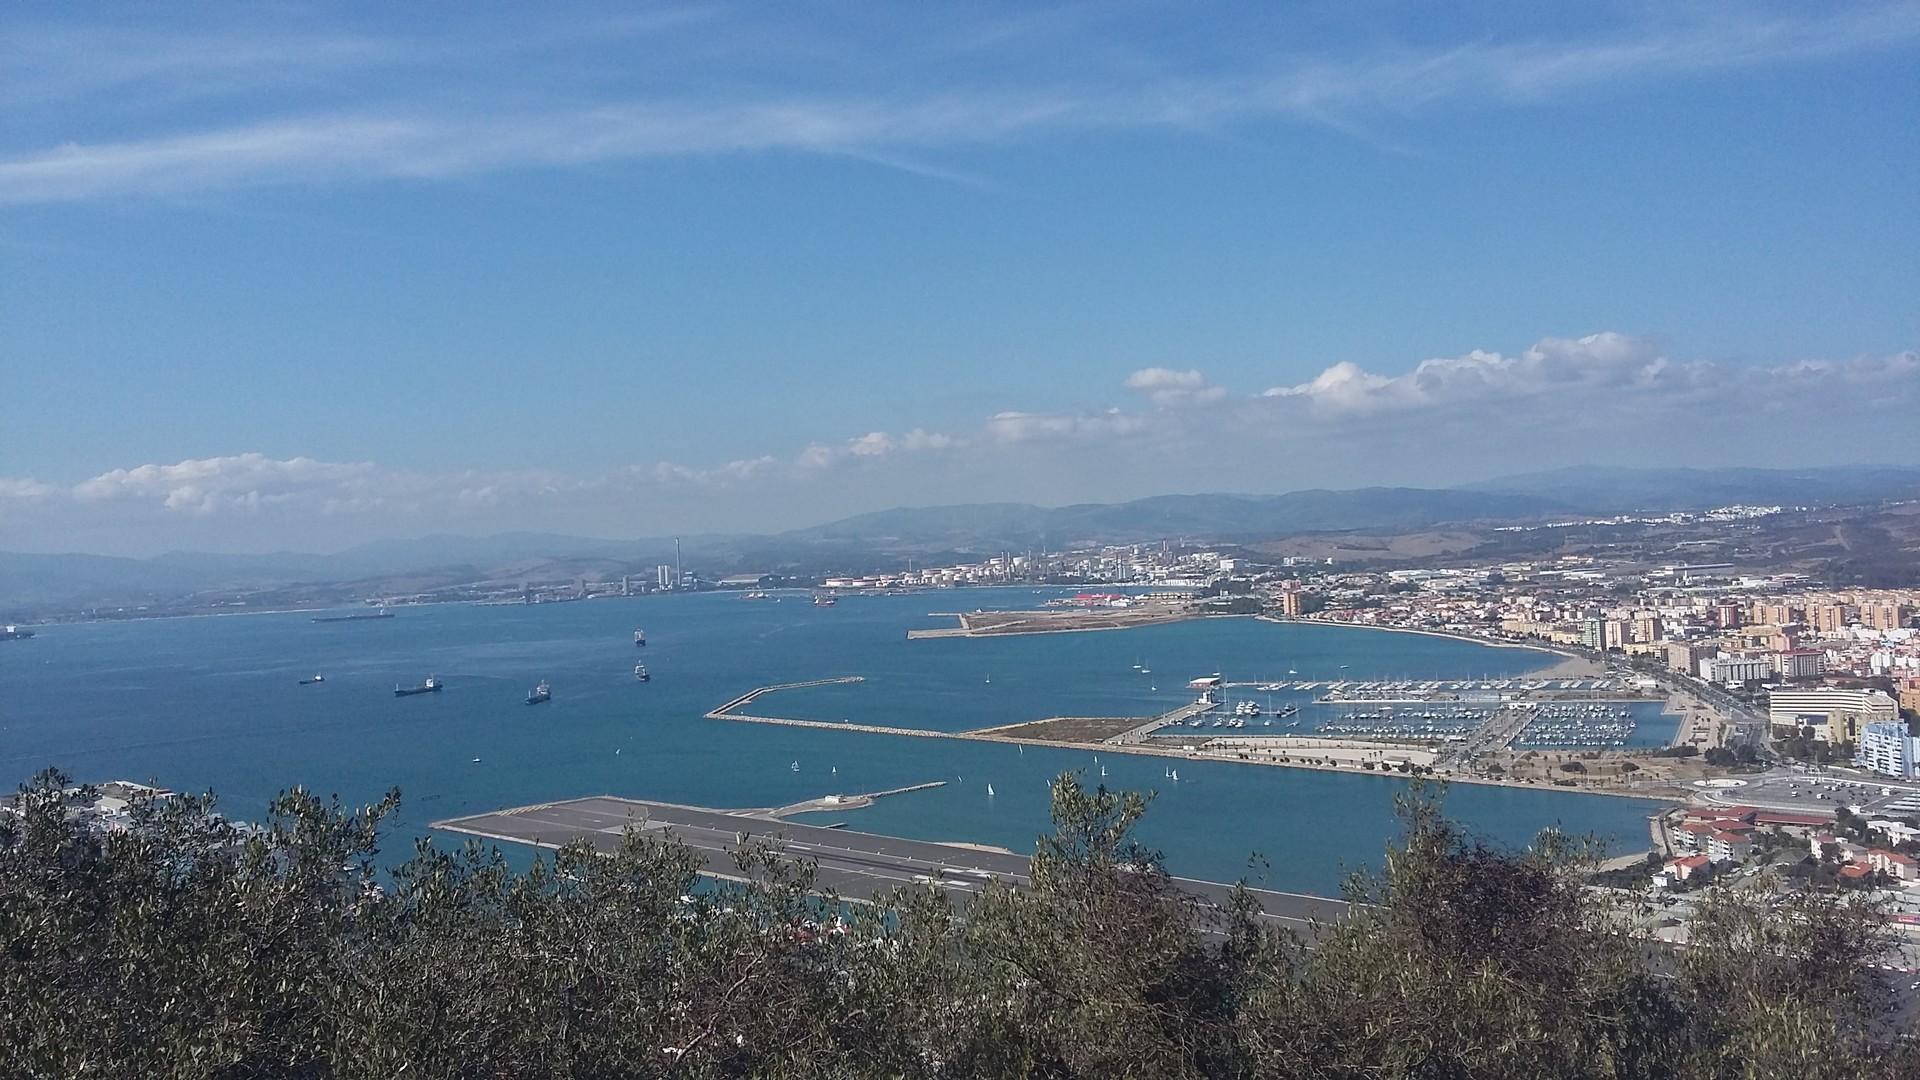 voyage-andalousie-3157846139dd66146e4cd0